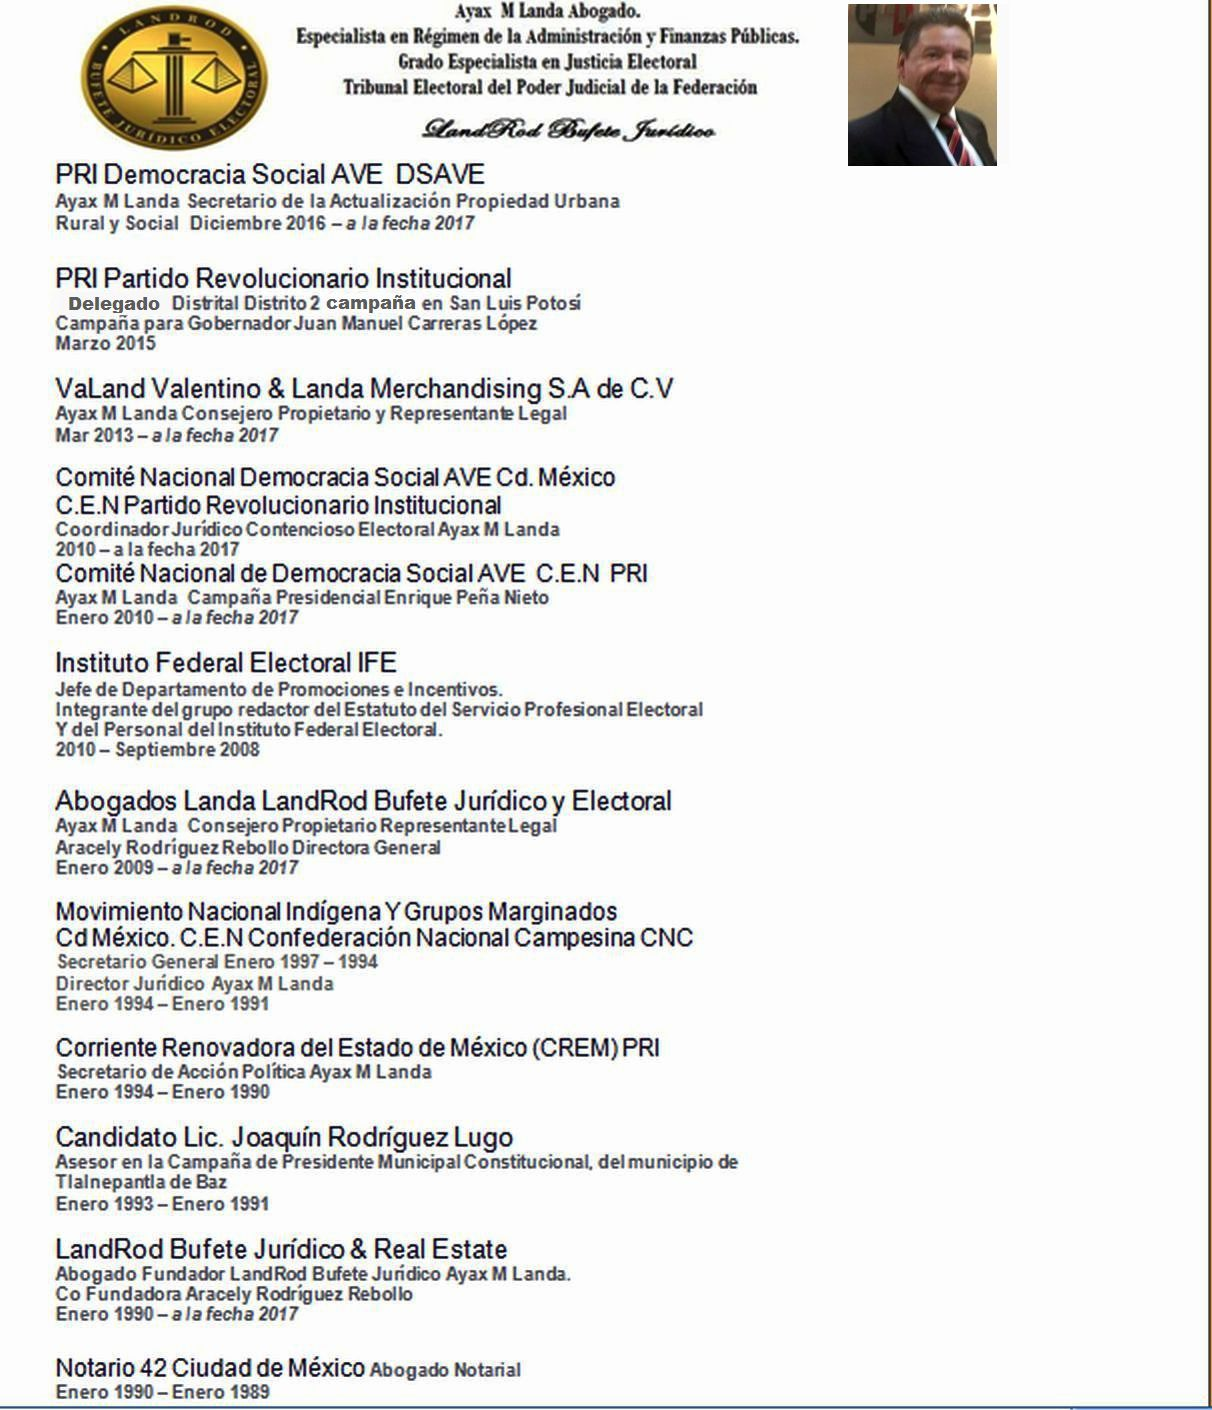 Curriculum Vitae AYAX M LANDA